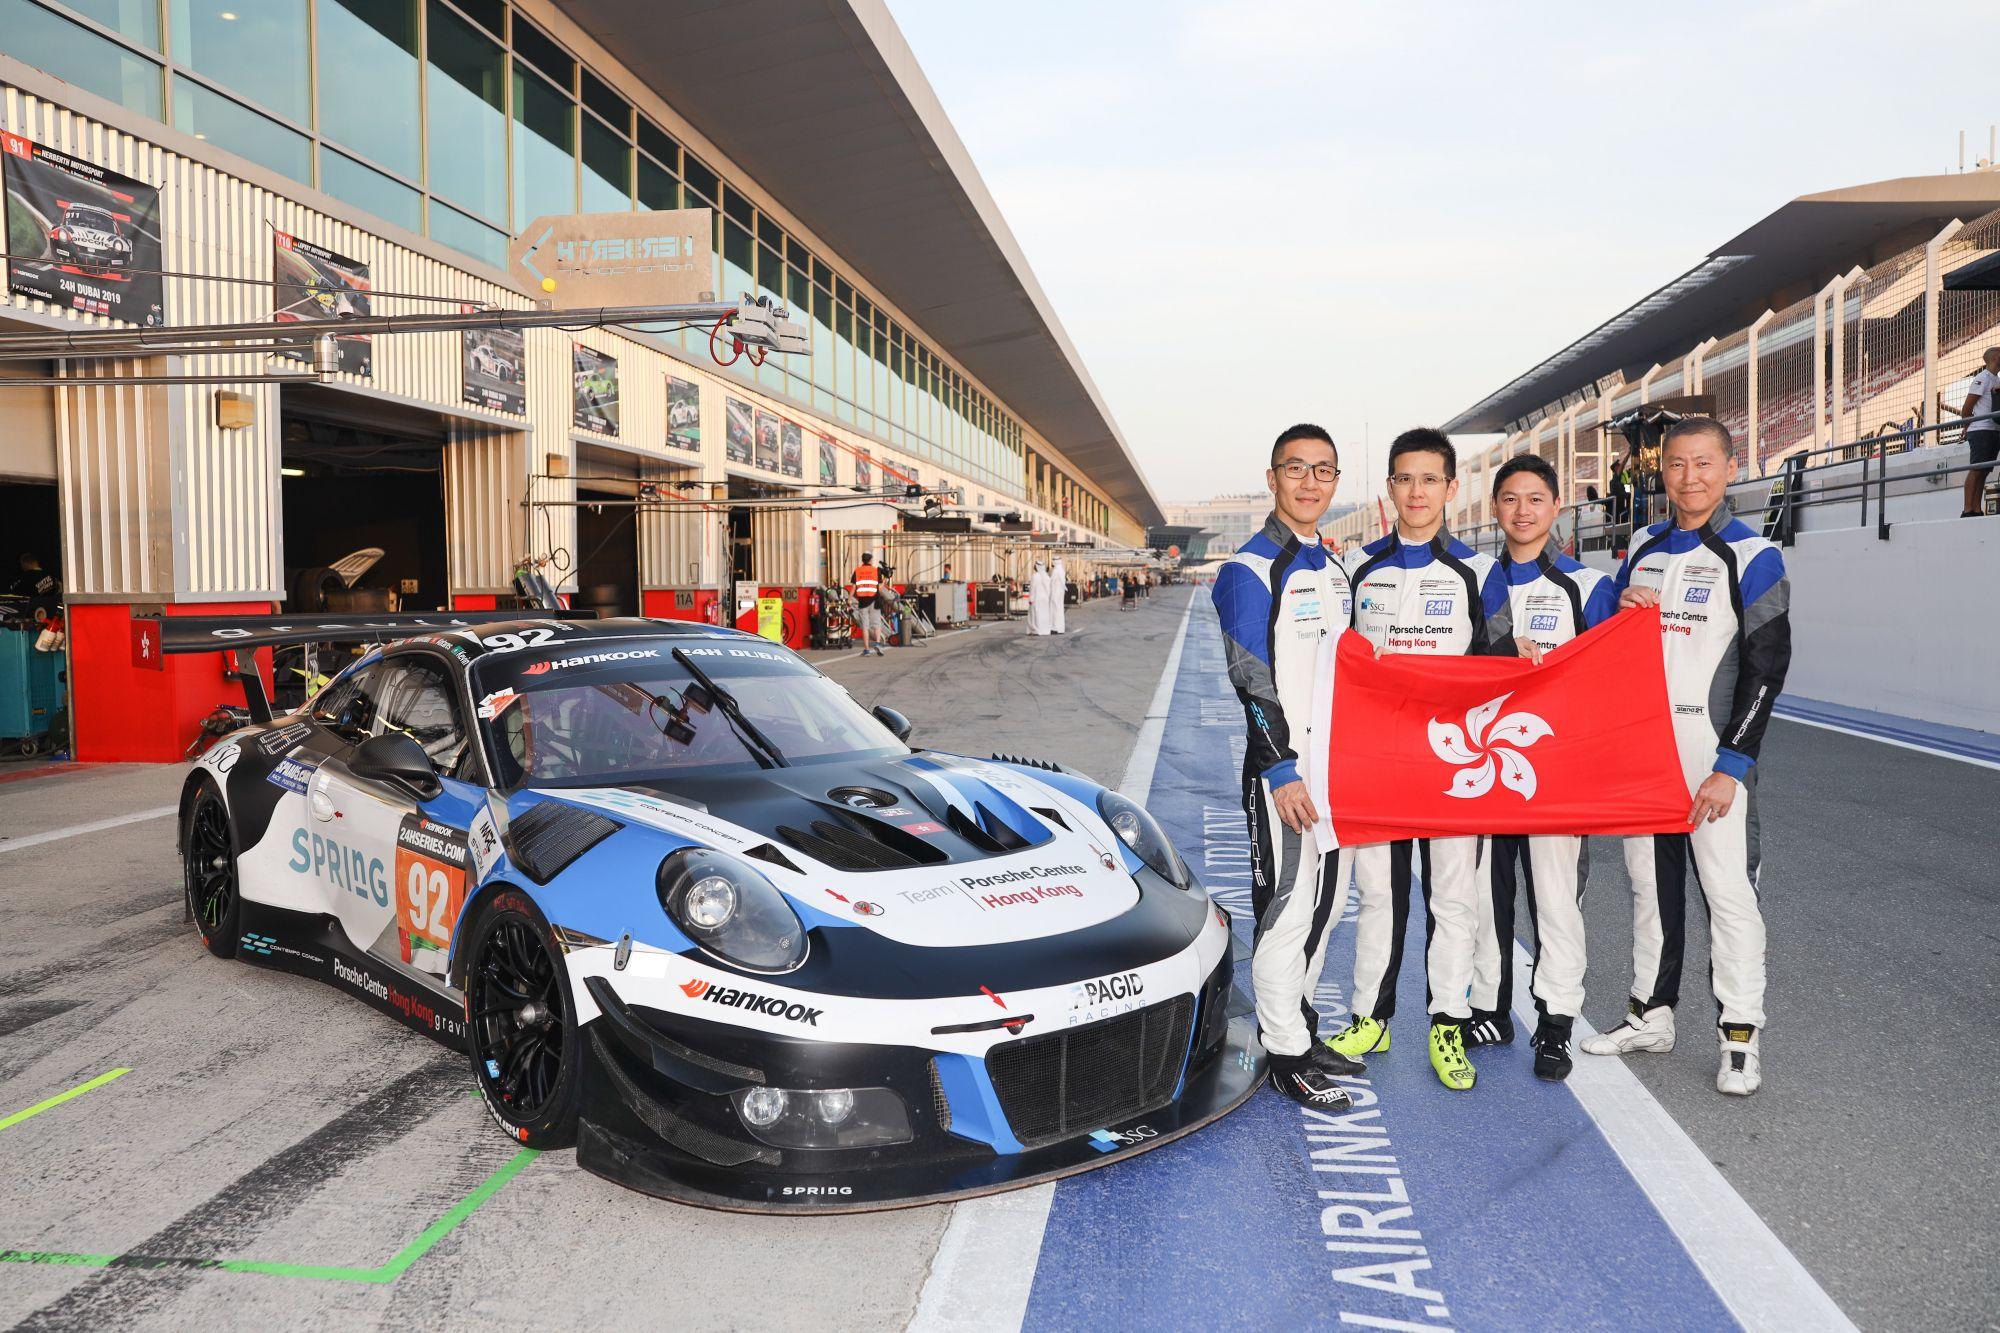 Porsche Sponsored The Hong Kong Racing Team For Dubai 24 Hour